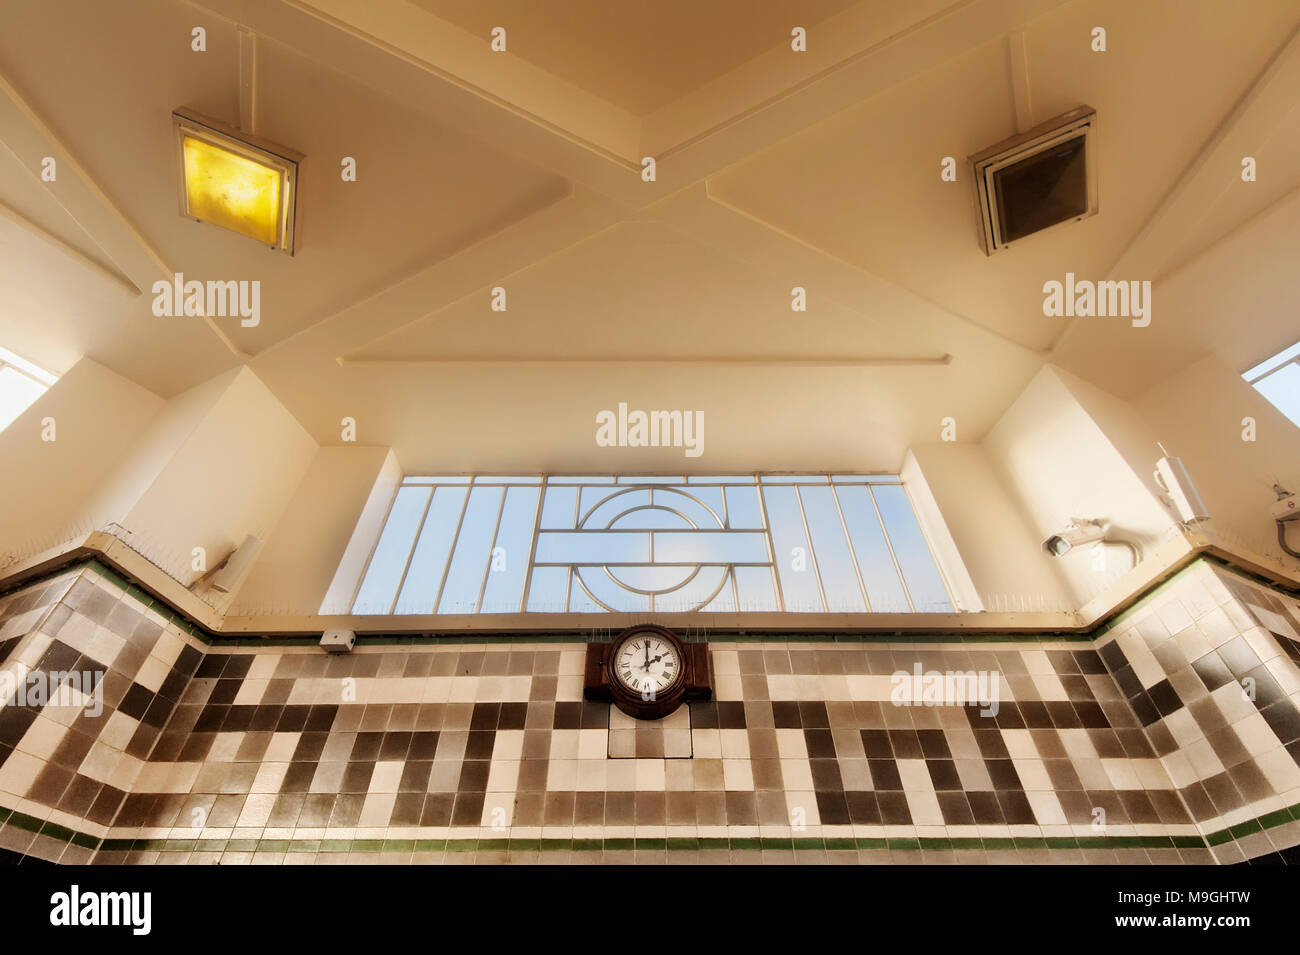 London Underground Tube Station: Ealing Common Stock Photo